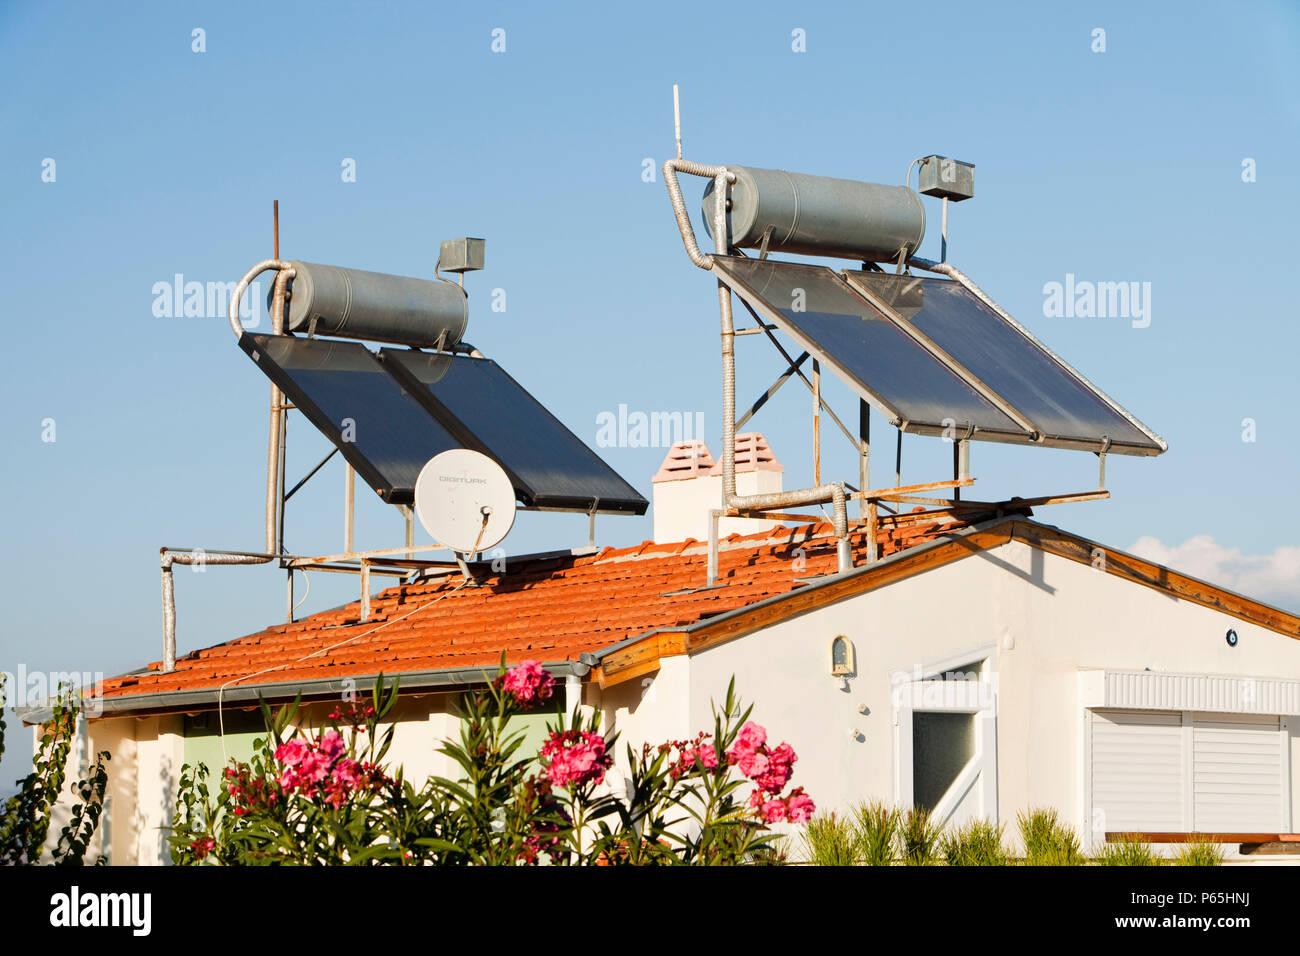 Los calentadores de agua solares en los tejados de las casas en Teos, Turquía. Imagen De Stock